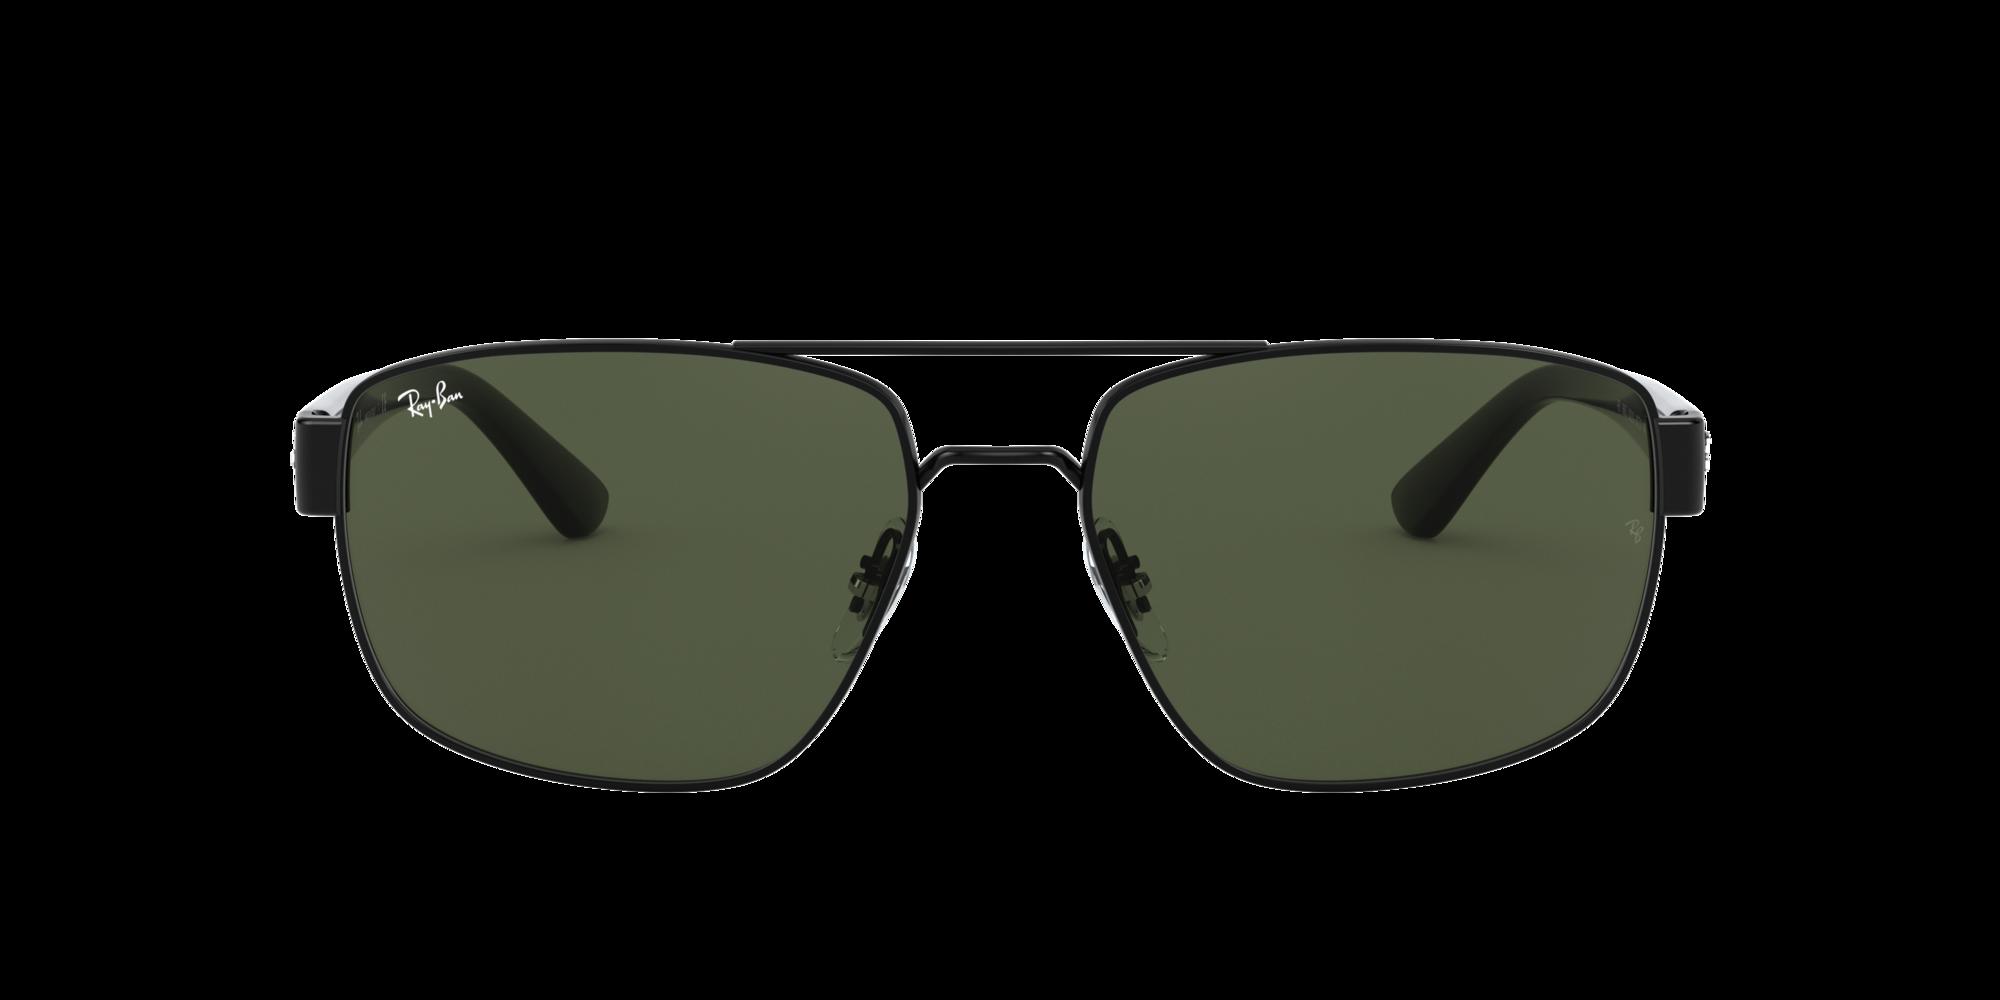 Imagen para RB3663 60 de LensCrafters |  Espejuelos, espejuelos graduados en línea, gafas